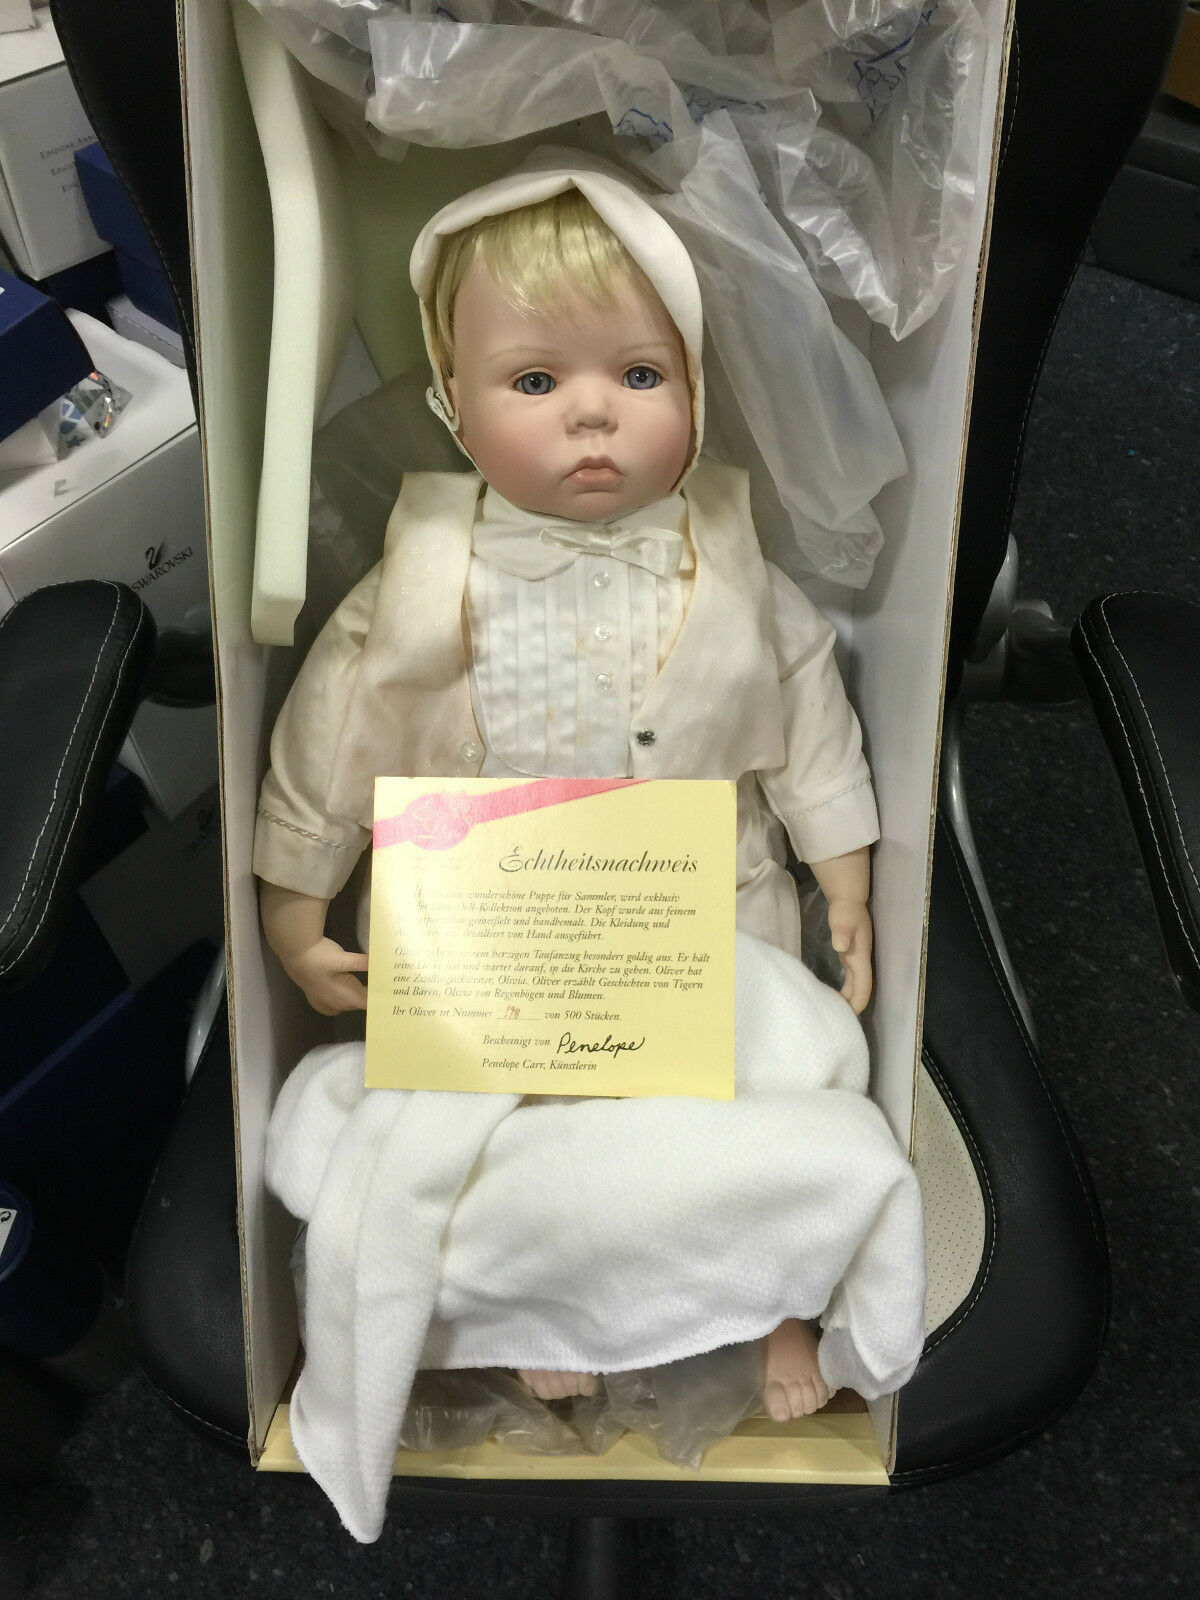 Penelope Carr muñeca Oliver 51 cm edición limitada